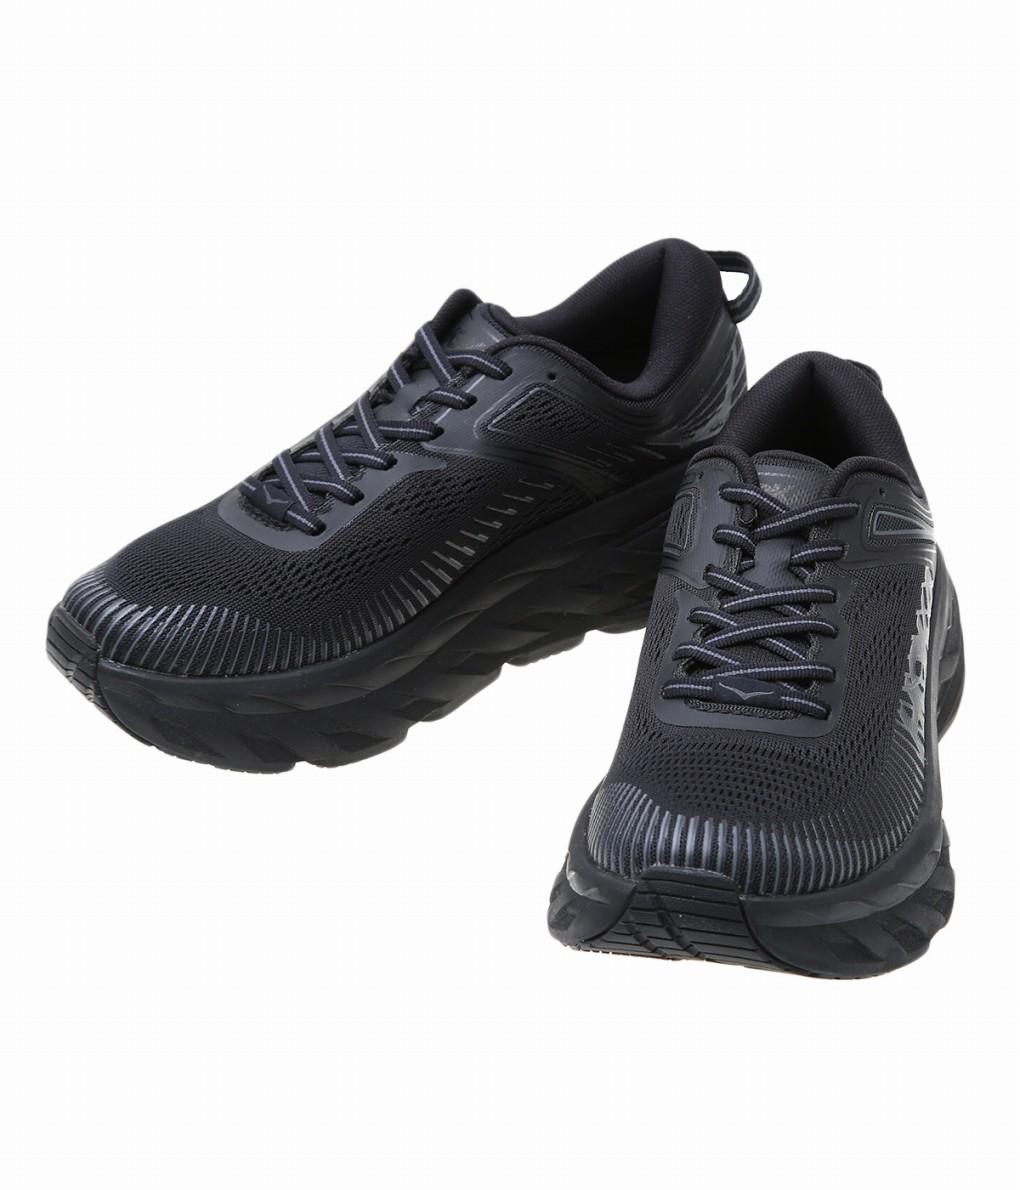 スニーカー / 7 【レディース】BONDI ランニングシューズ 1110519-BBLC : : 靴 : HOKA ONE ボンダイ レディース ONE ローカット ホカオネオネ 【DEA】